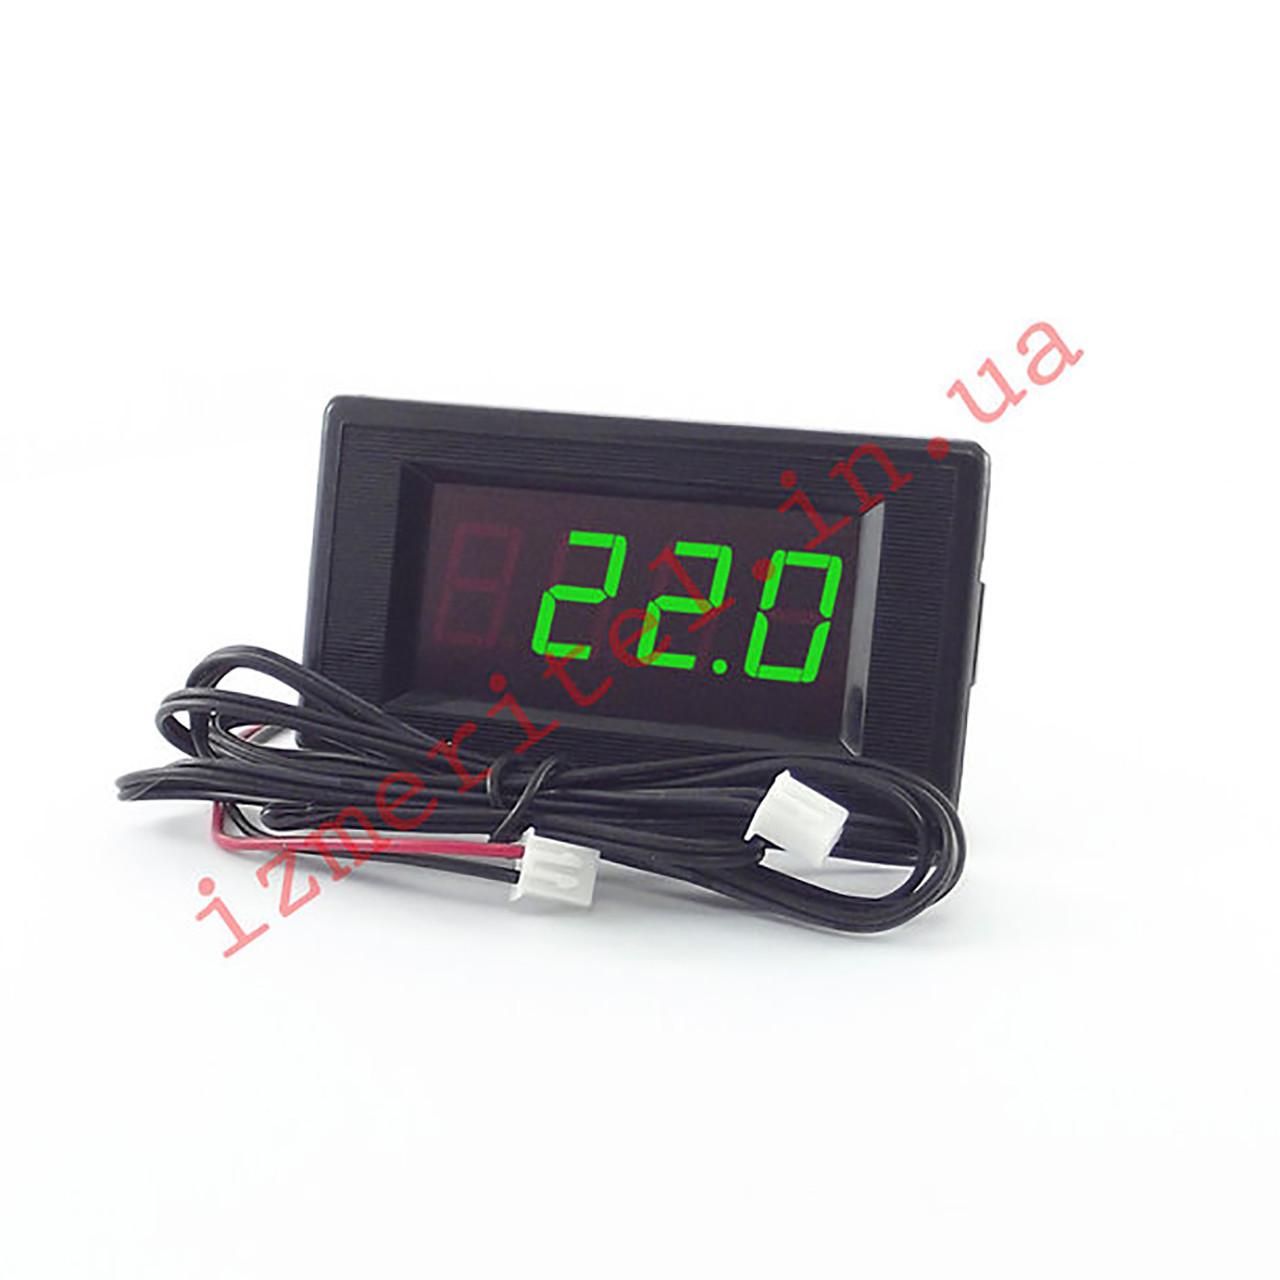 Электронный цифровой термометр XH-B305 со звуковой сигнализацией